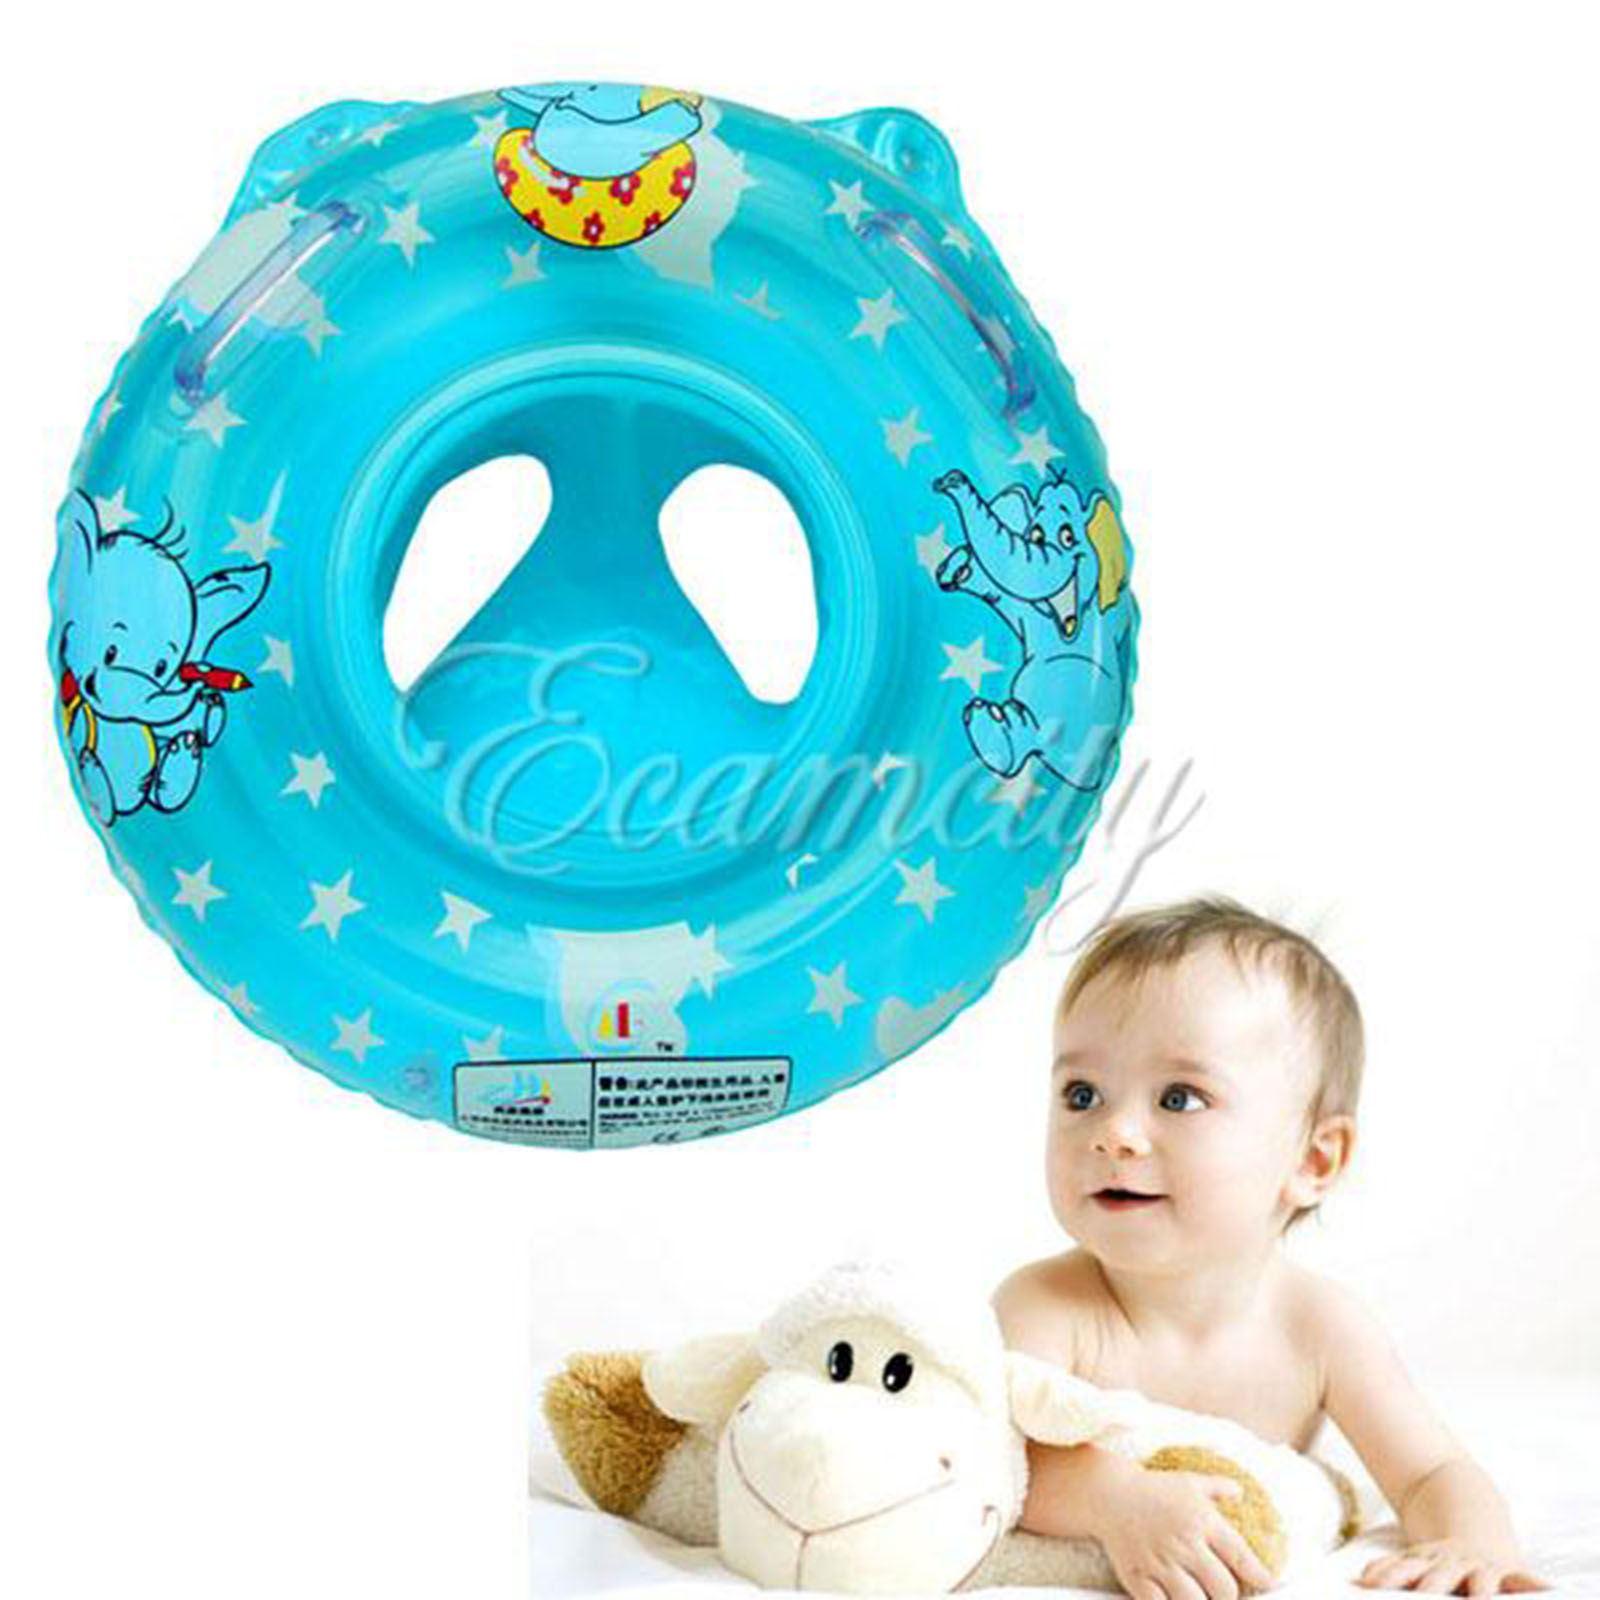 Новые детские ребенок надувной бассейн воды Одежда заплыва малыша Детская безопасность помощи поплавок сиденья